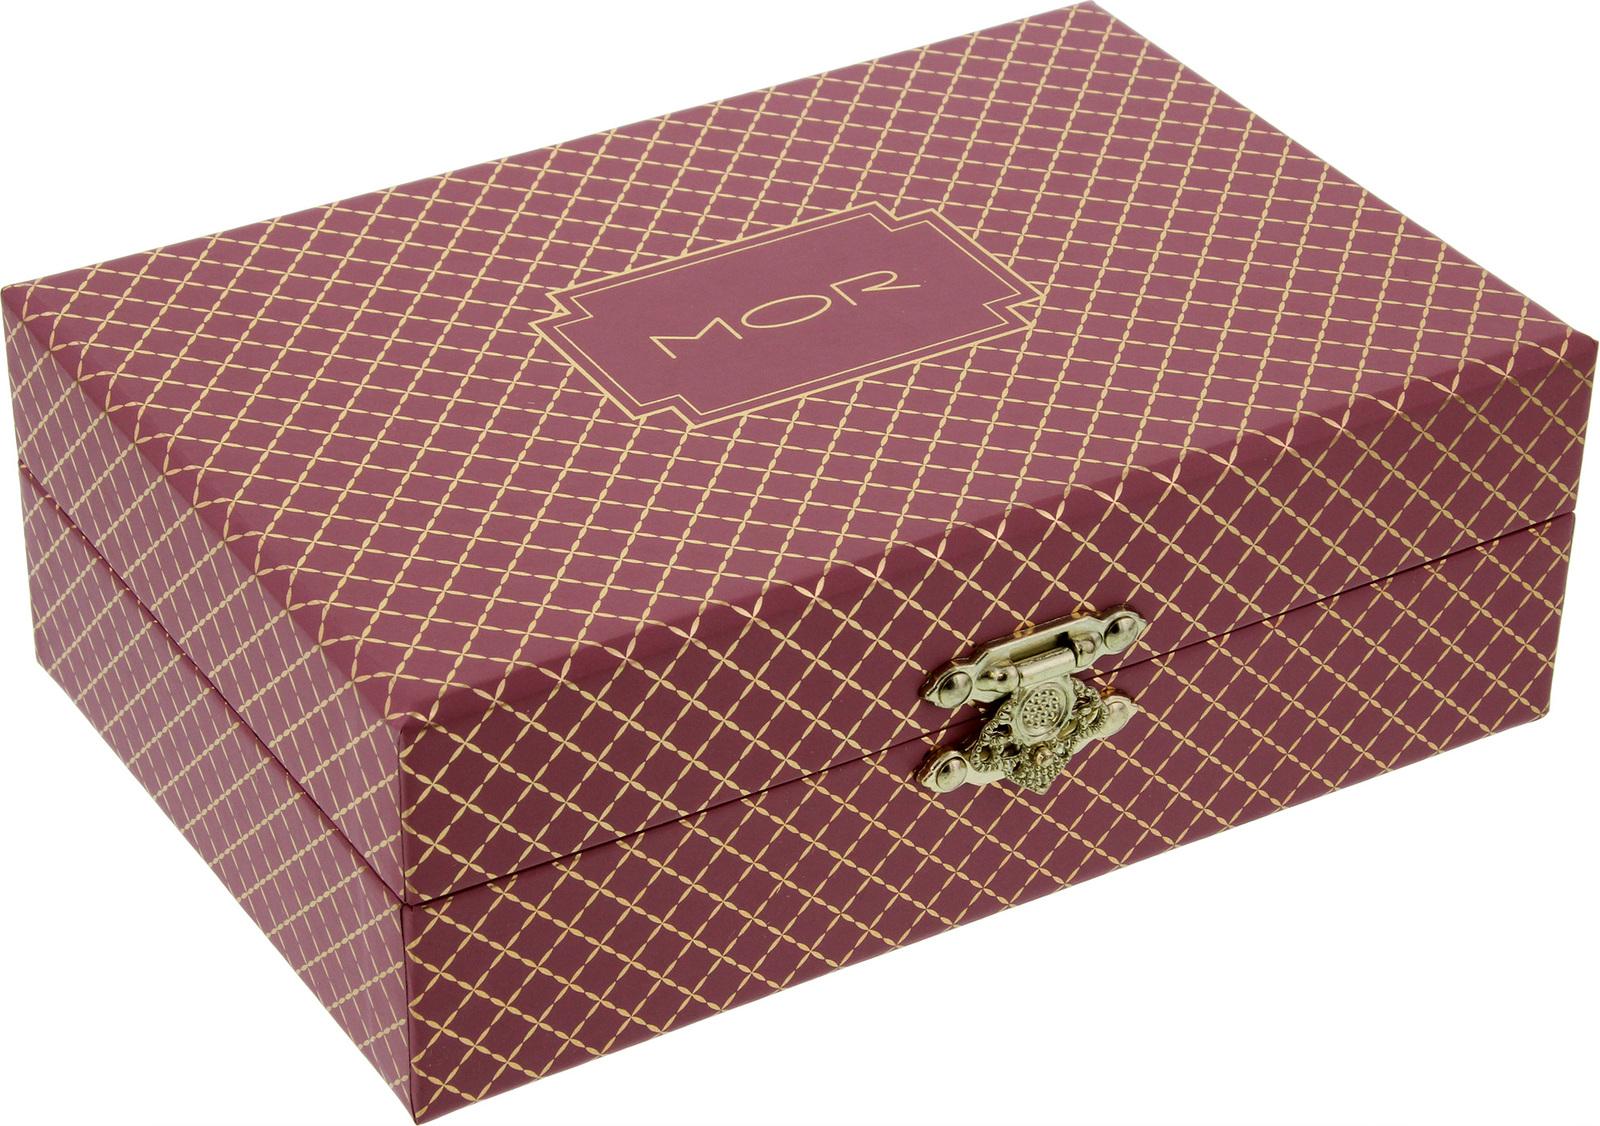 MOR Sweet Heart Gift Set image